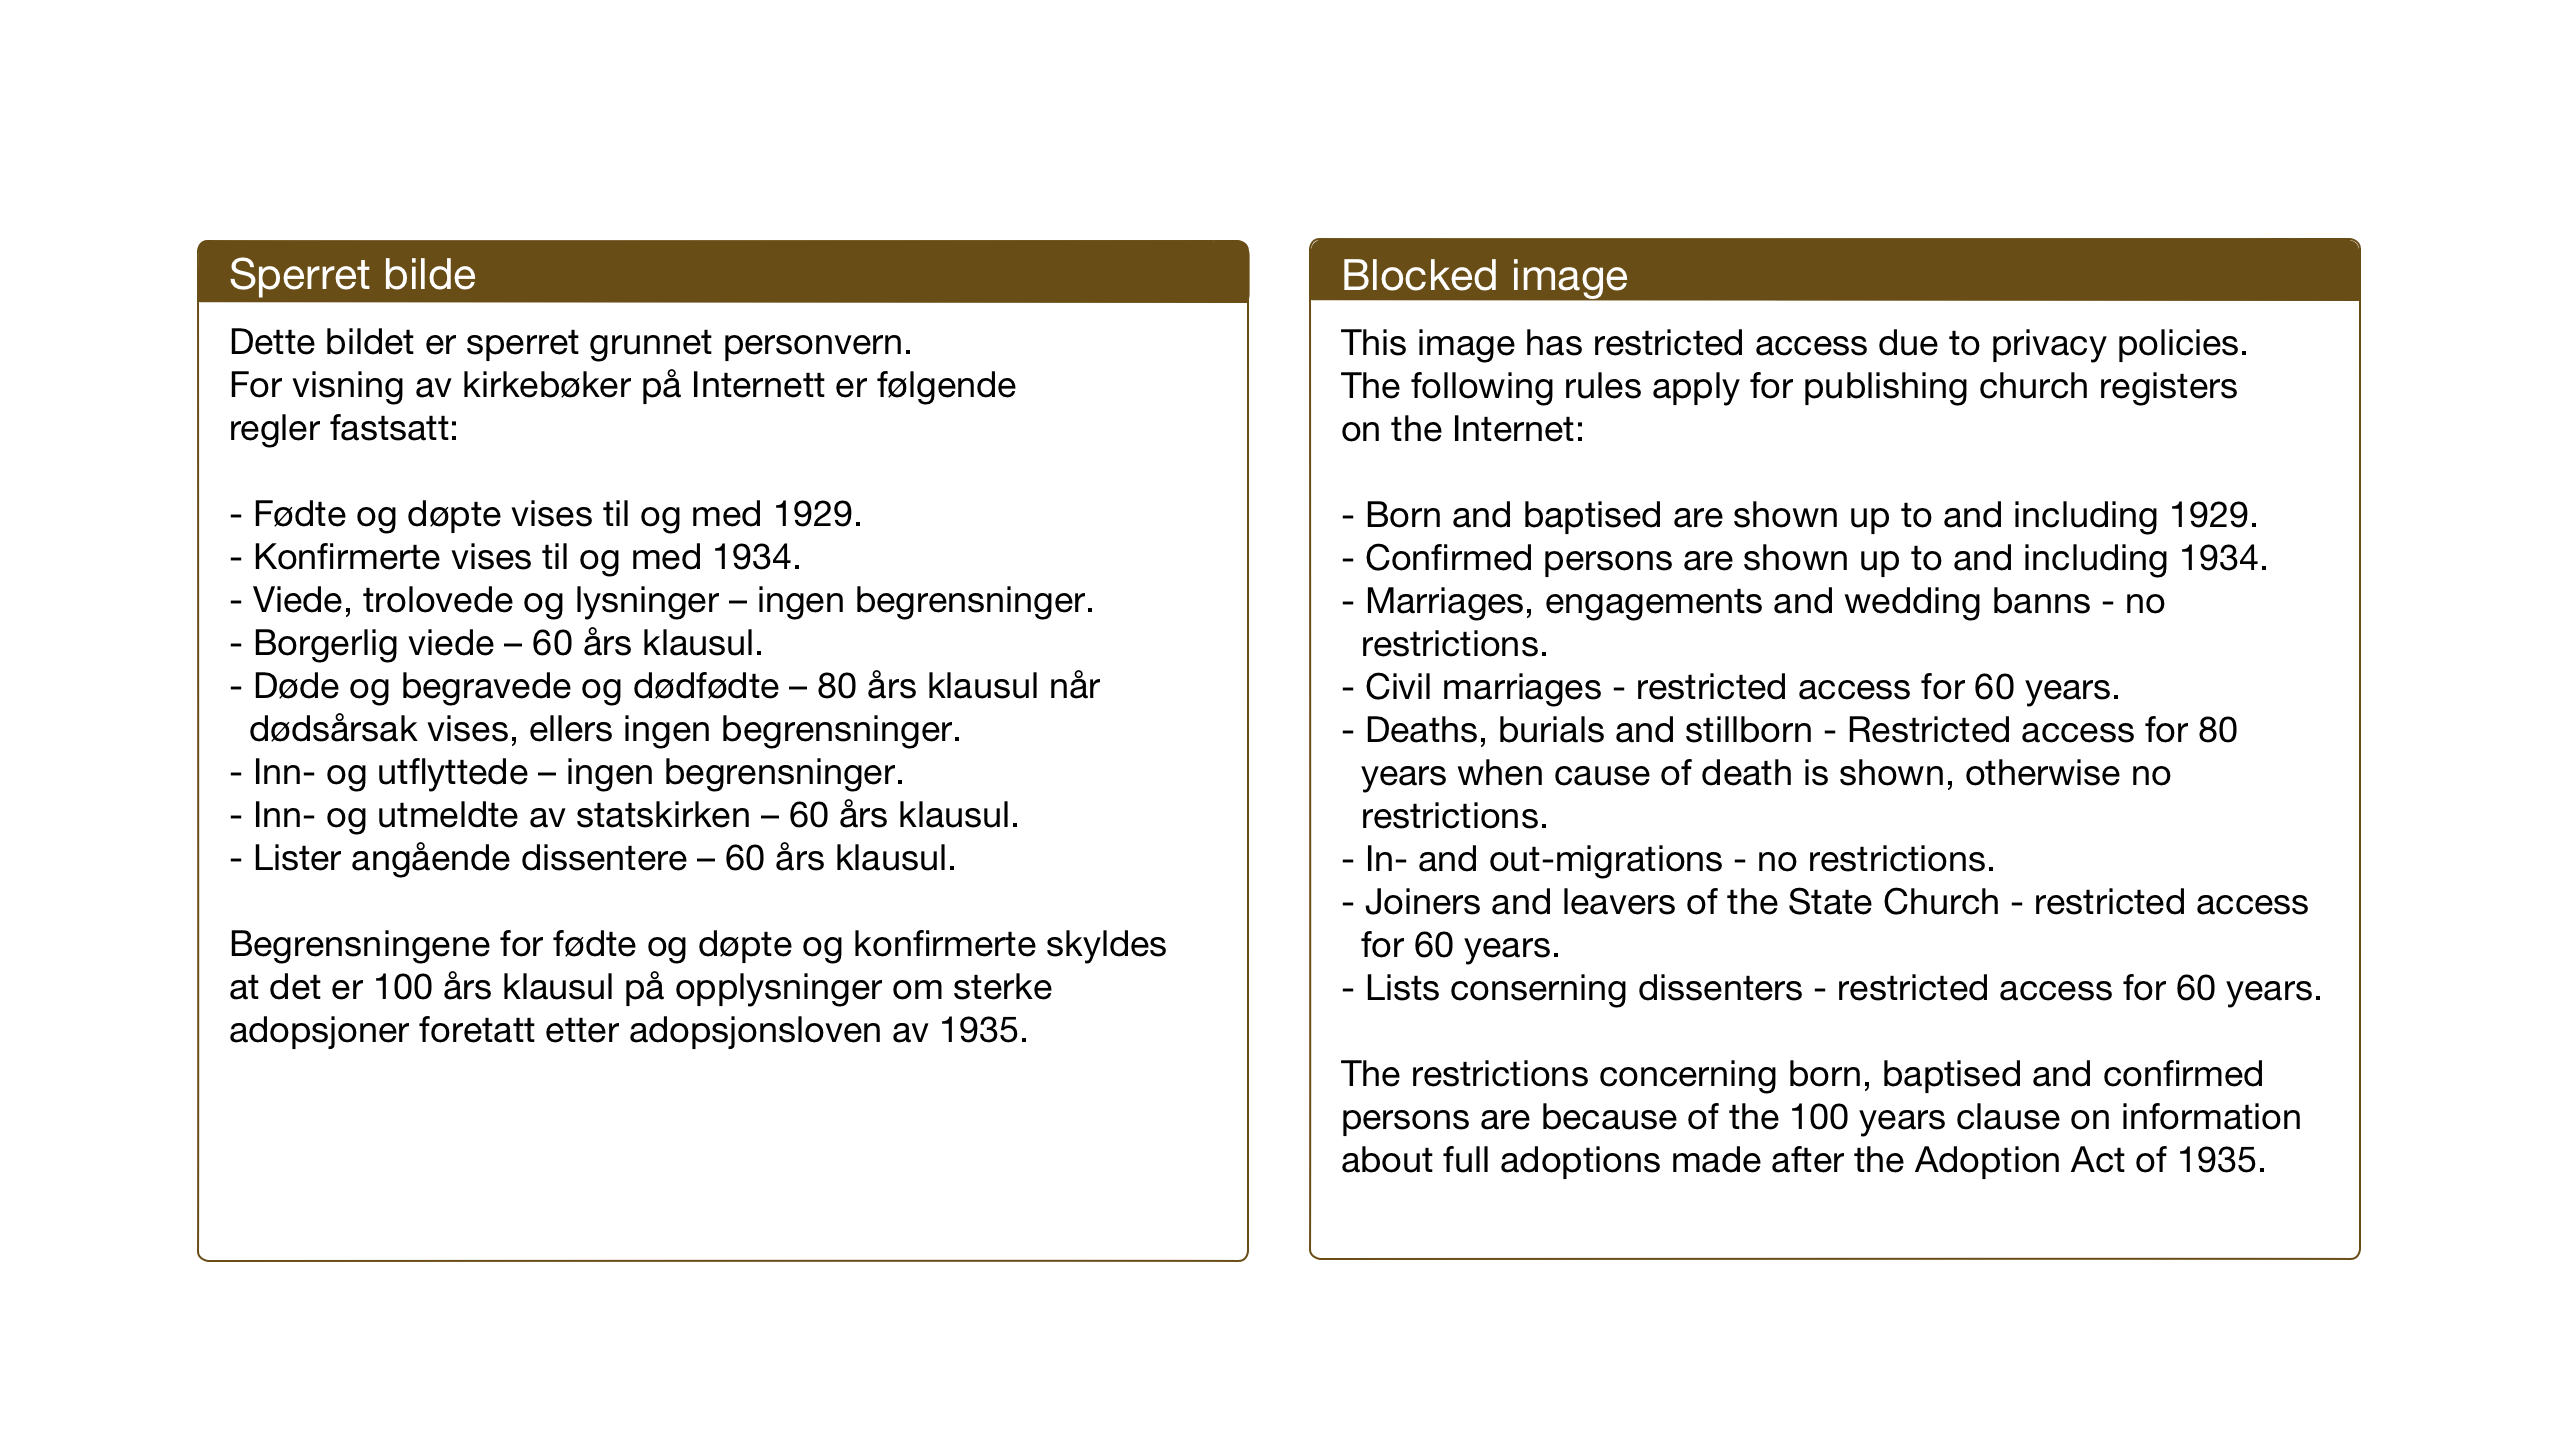 SAT, Ministerialprotokoller, klokkerbøker og fødselsregistre - Nord-Trøndelag, 710/L0097: Klokkerbok nr. 710C02, 1925-1955, s. 103